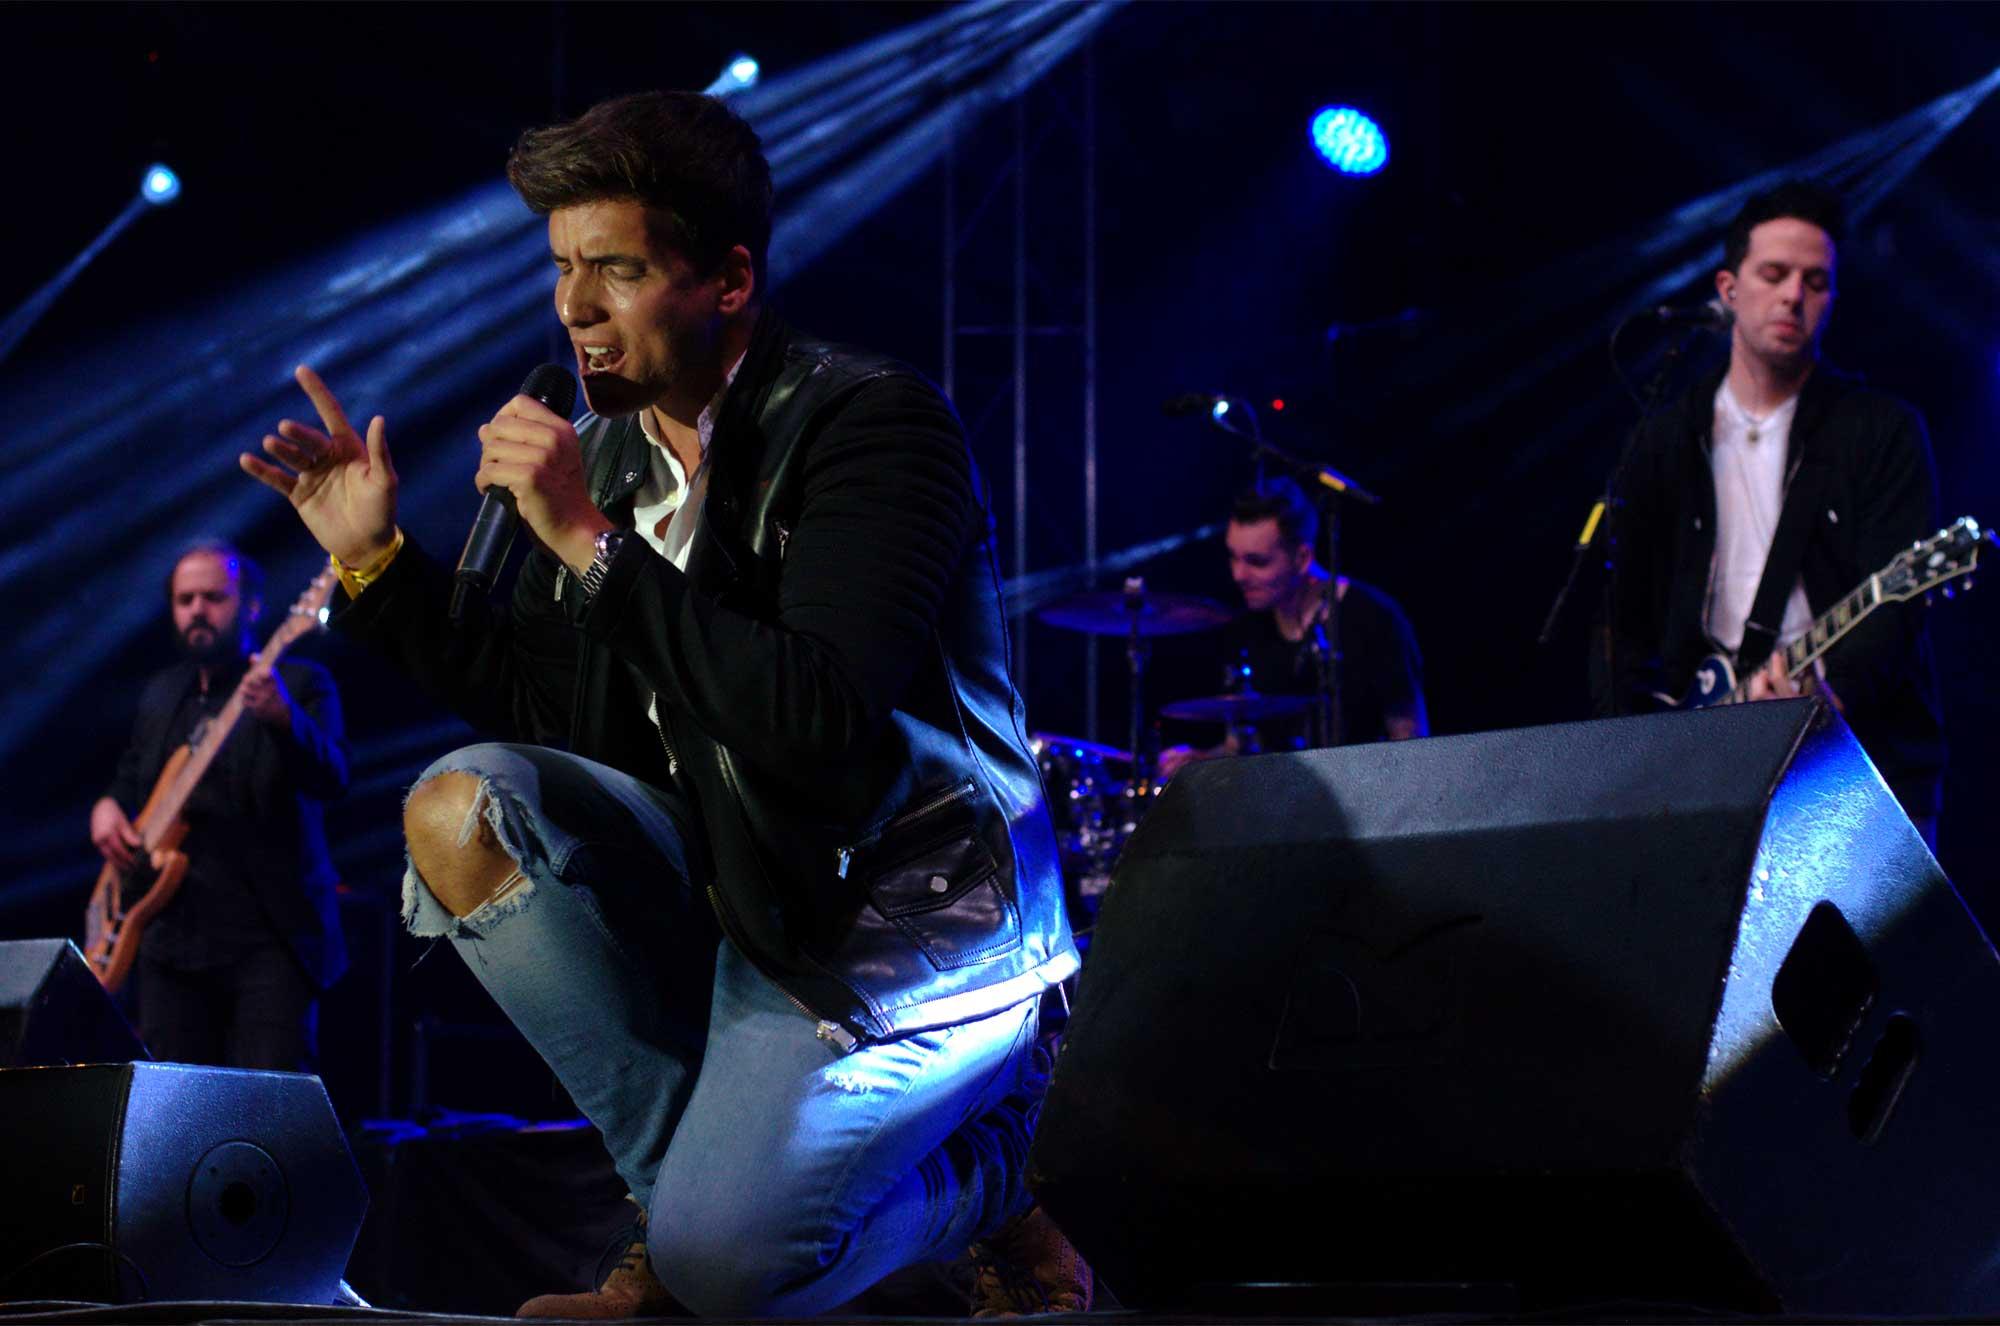 Fotografies del concert de Xuso Jones a la Festa Major de Cornellà de Llobregat